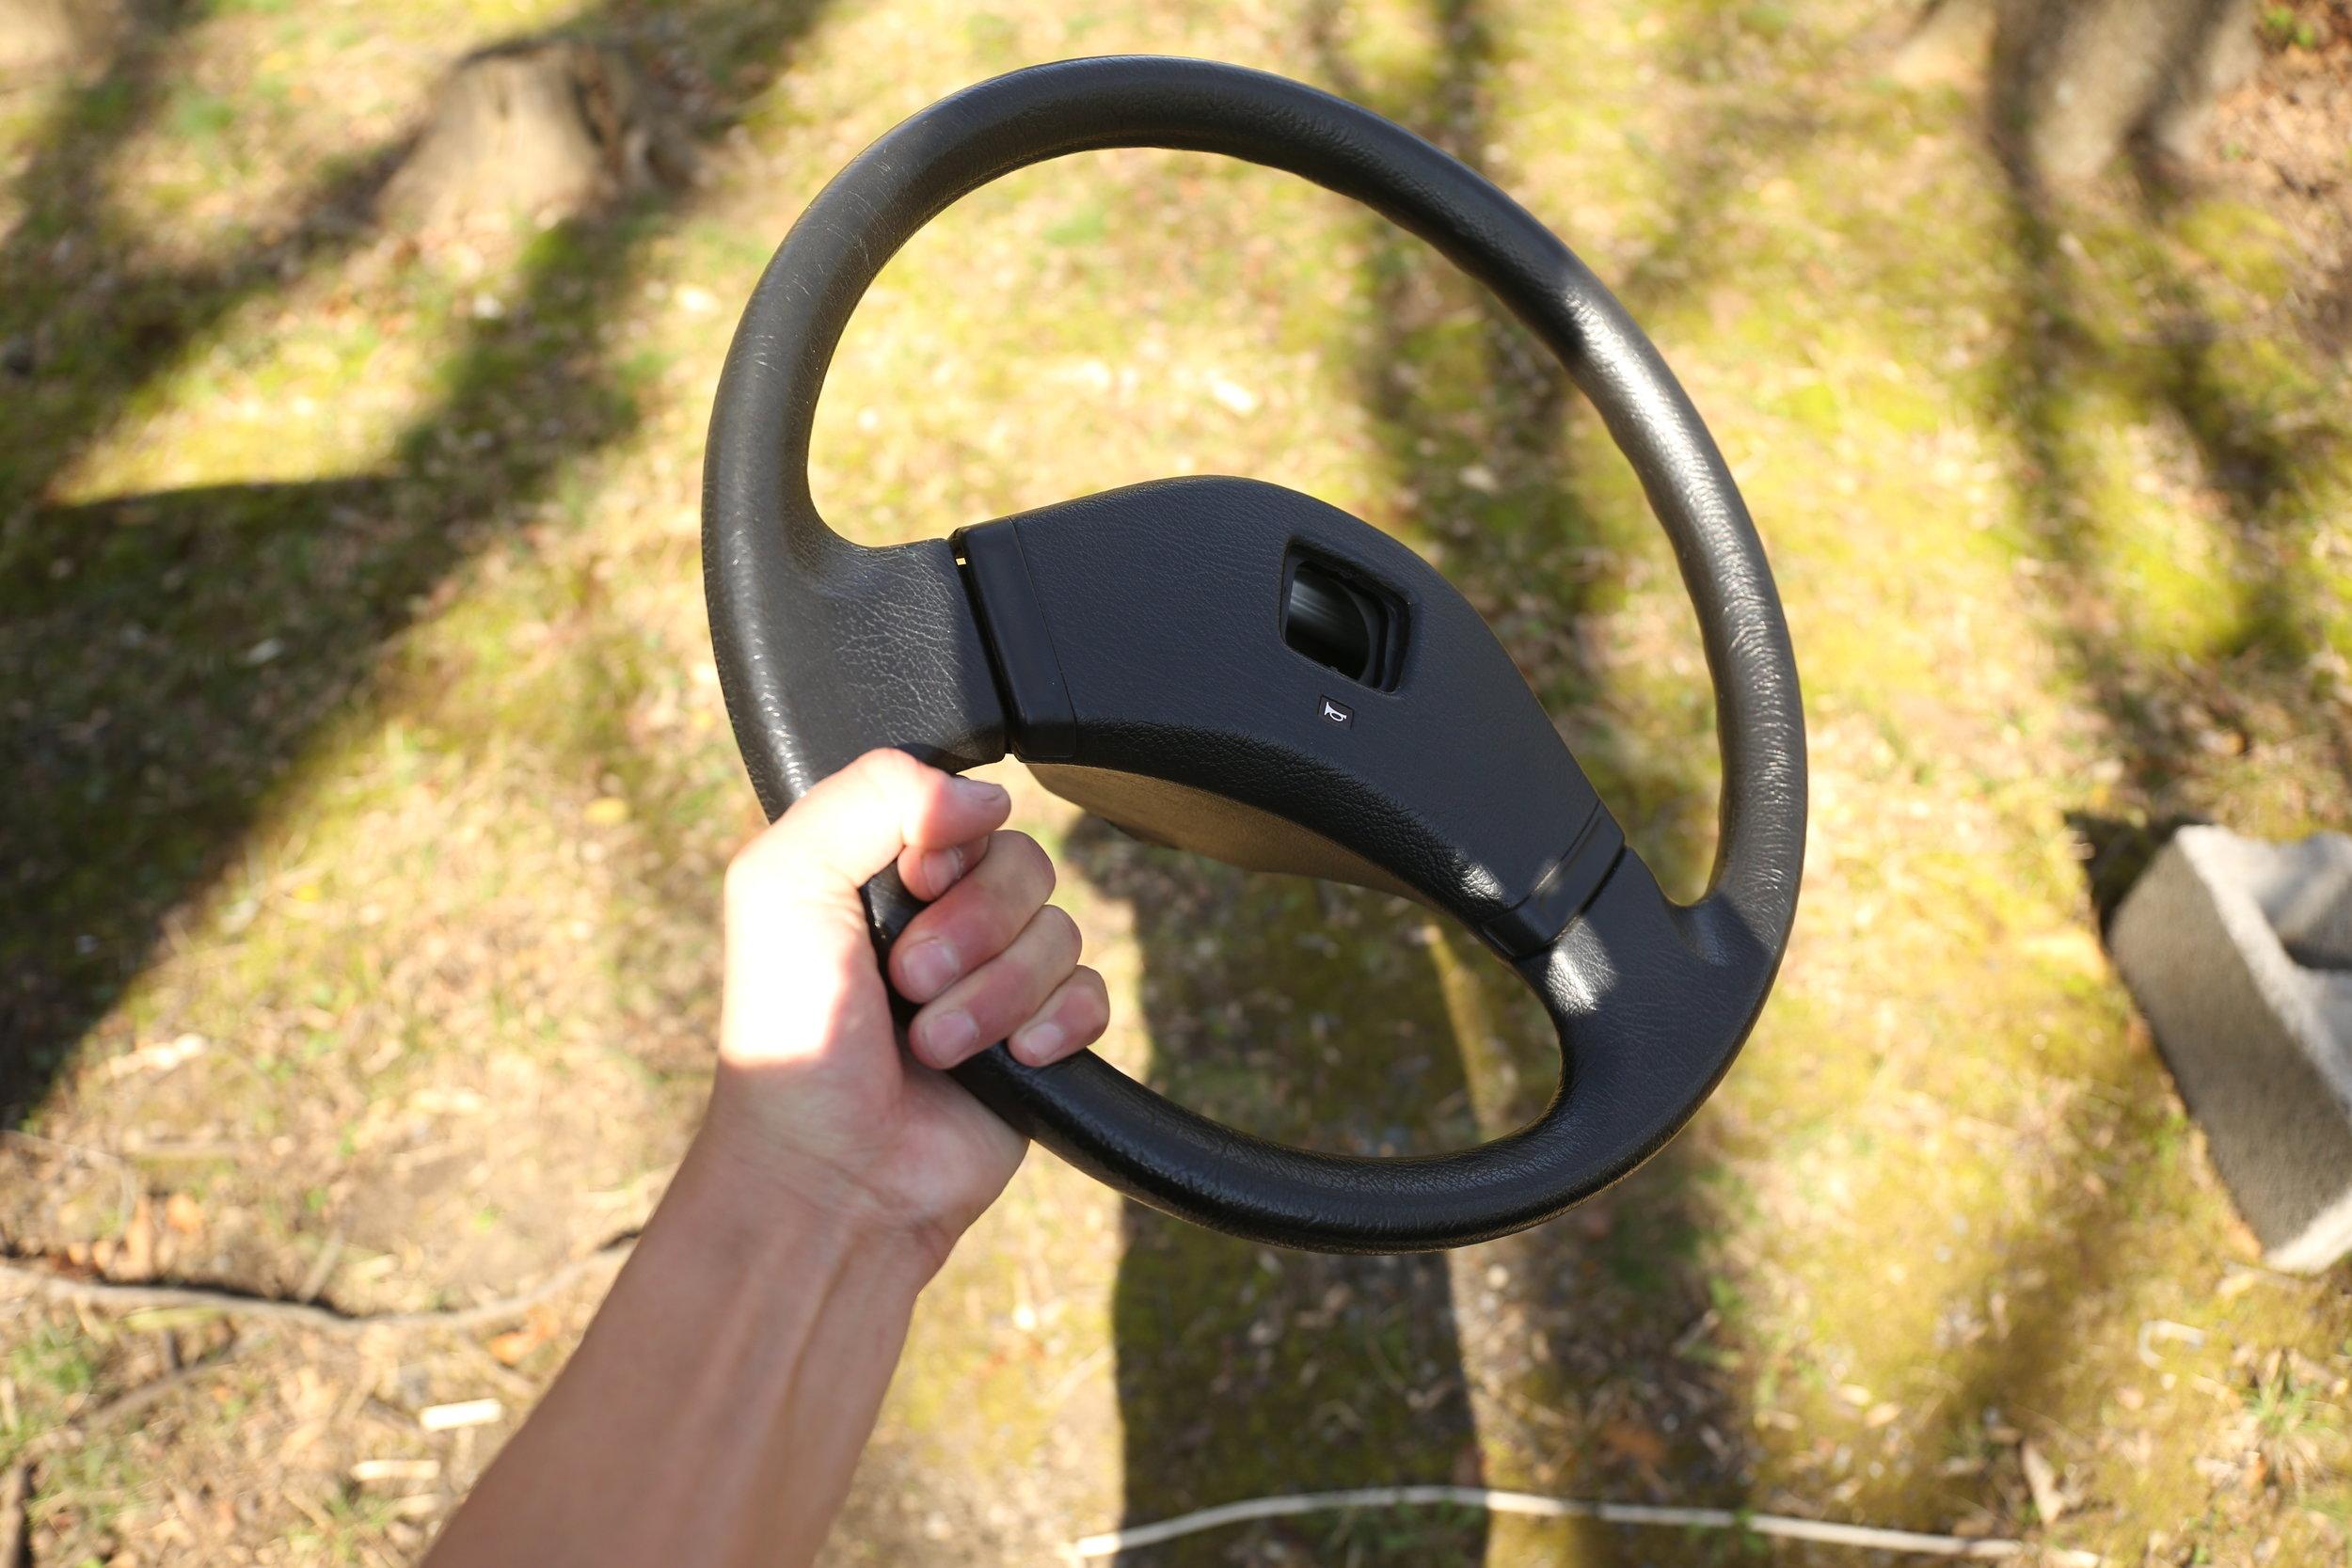 My old OEM wheel.